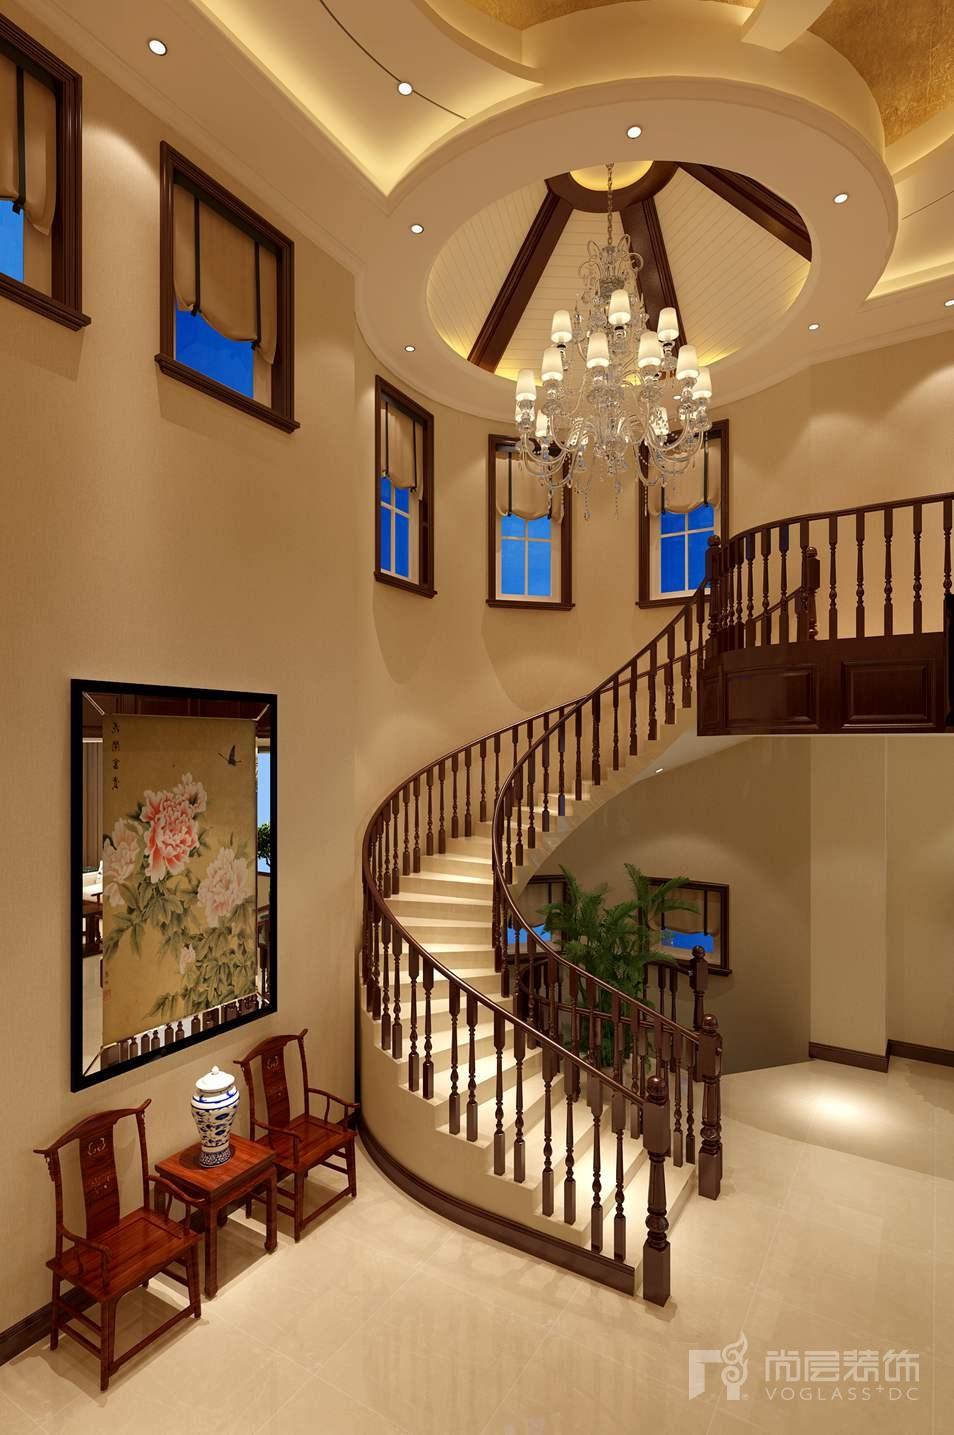 莱茵山新中式楼梯区别墅装修效果图